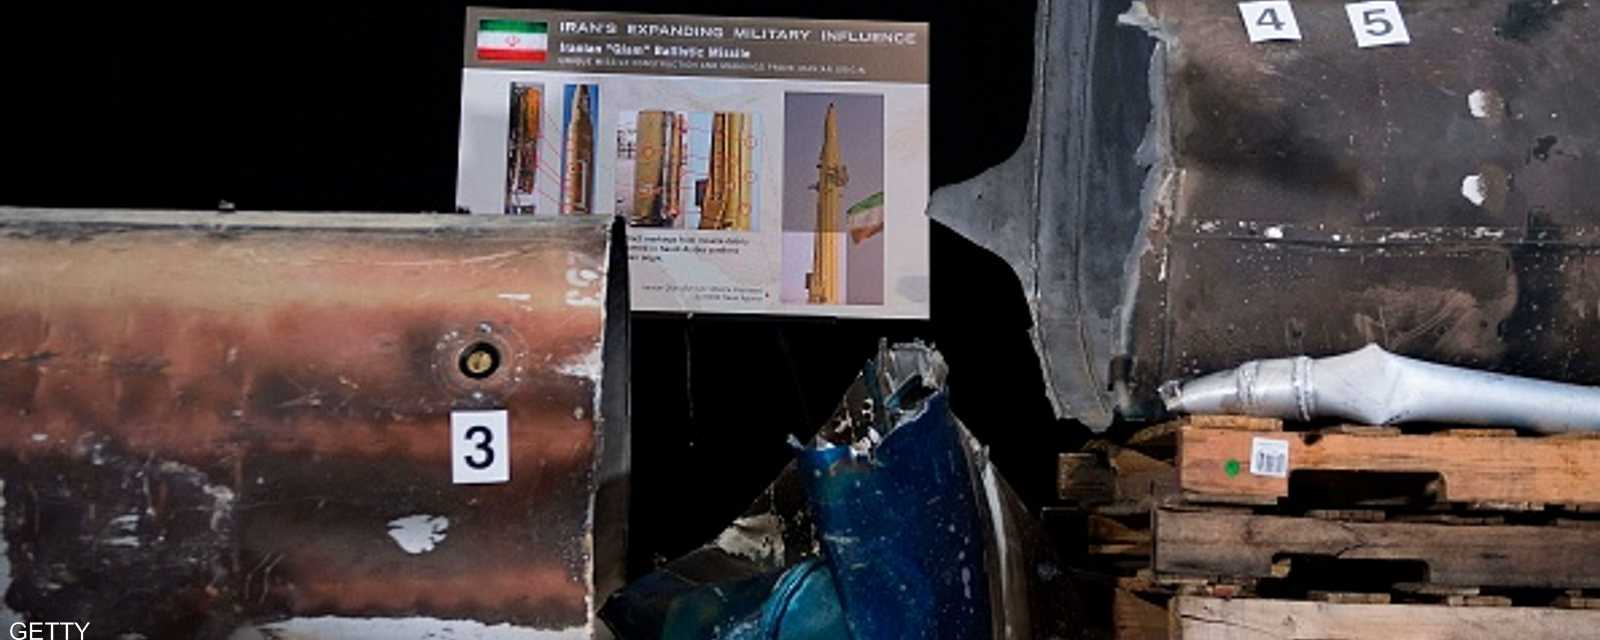 بقايا صاروخ أطلقته ميليشيات الحوثي الإيرانية على السعودية.